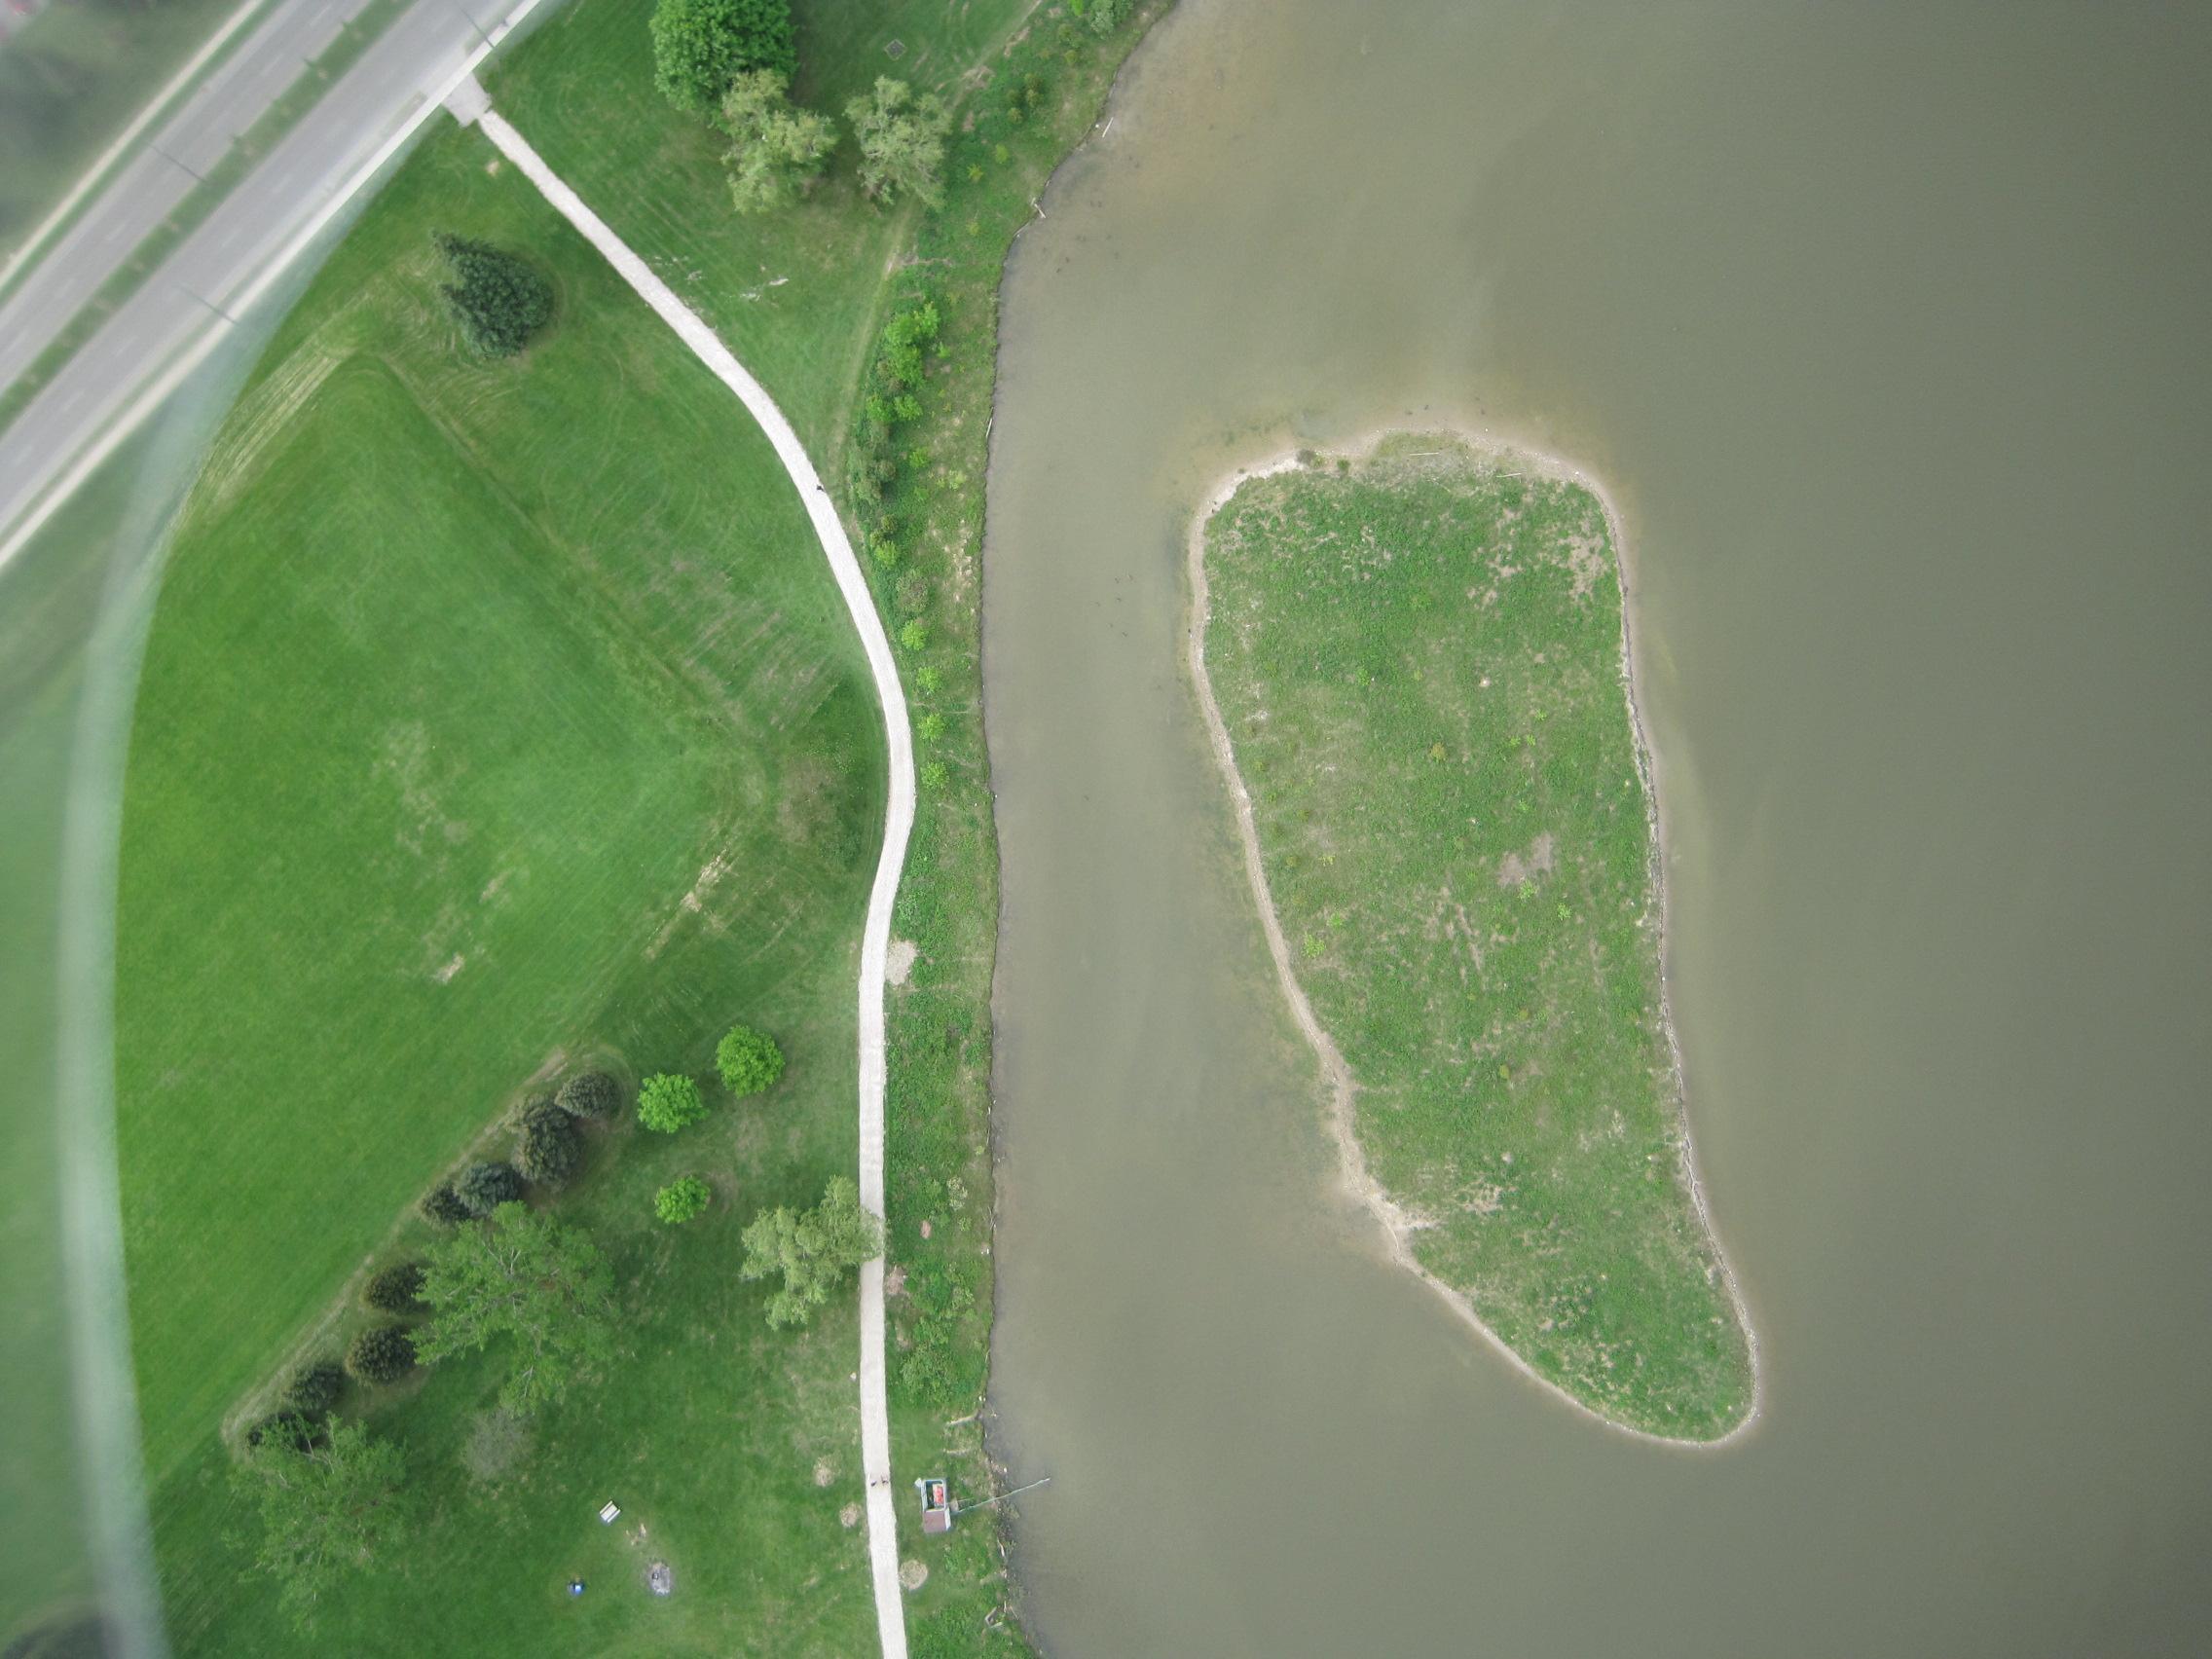 uw-cif-fields